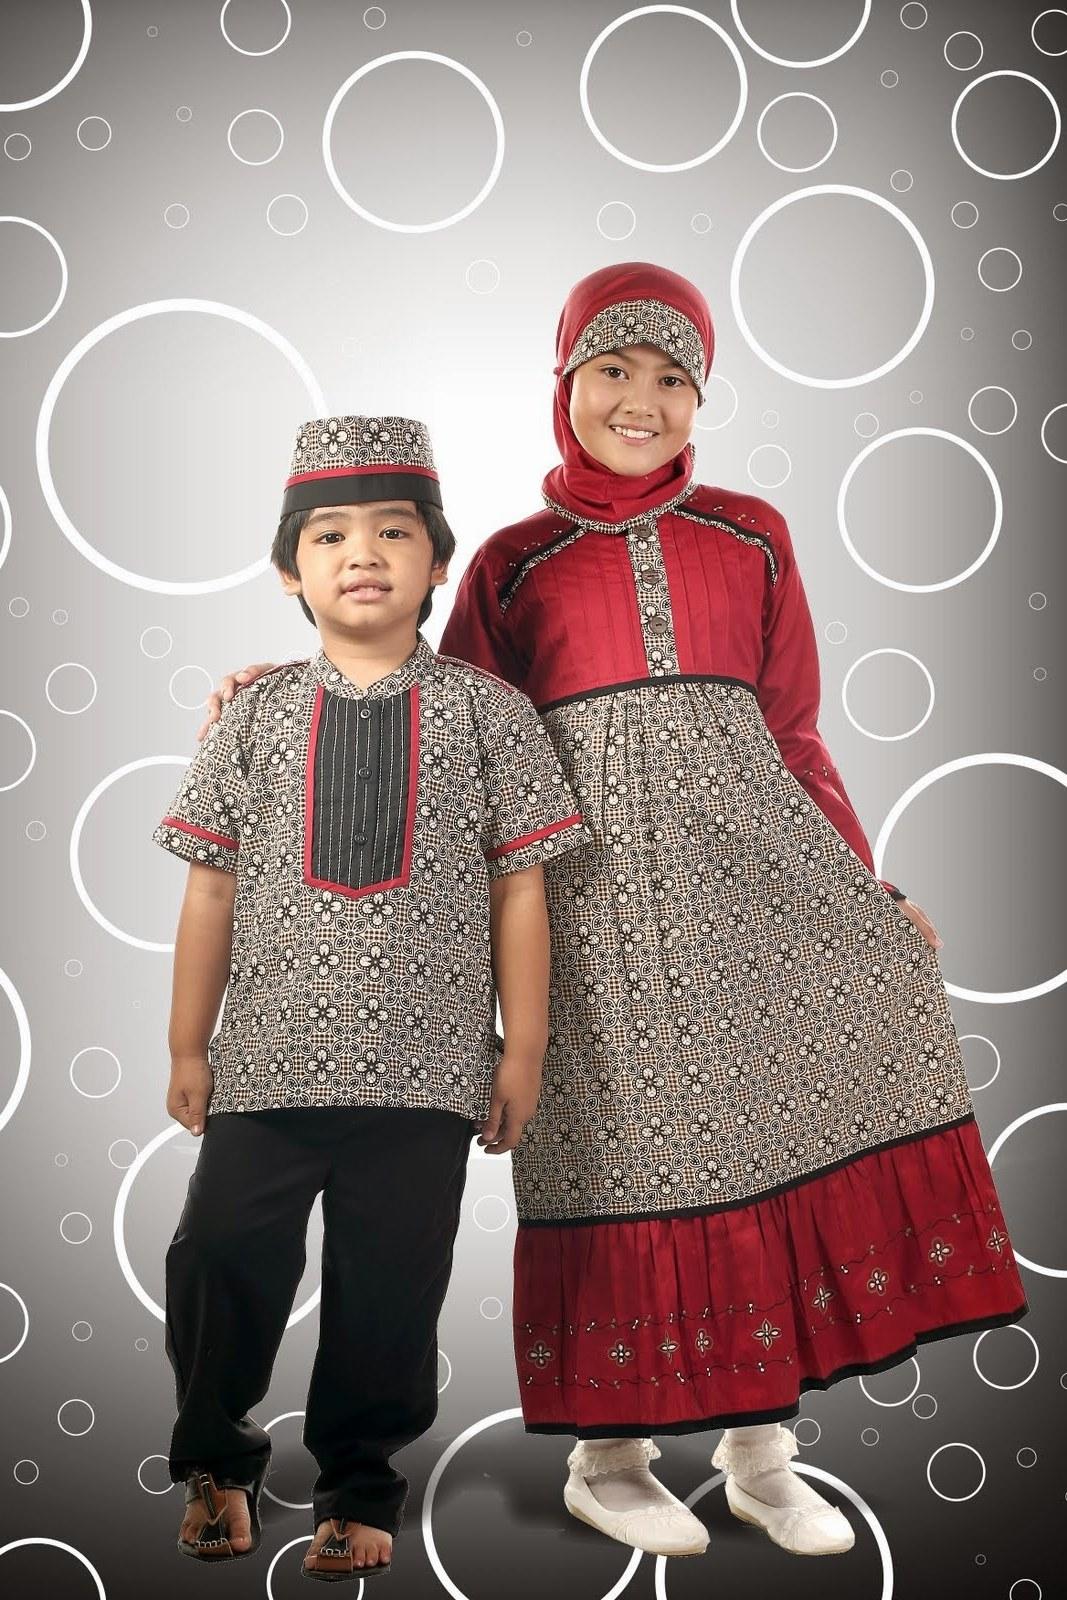 Design Baju Lebaran Untuk Anak Perempuan U3dh Model Baju Batik Muslim Terbaru Untuk Anak Perempuan Dan